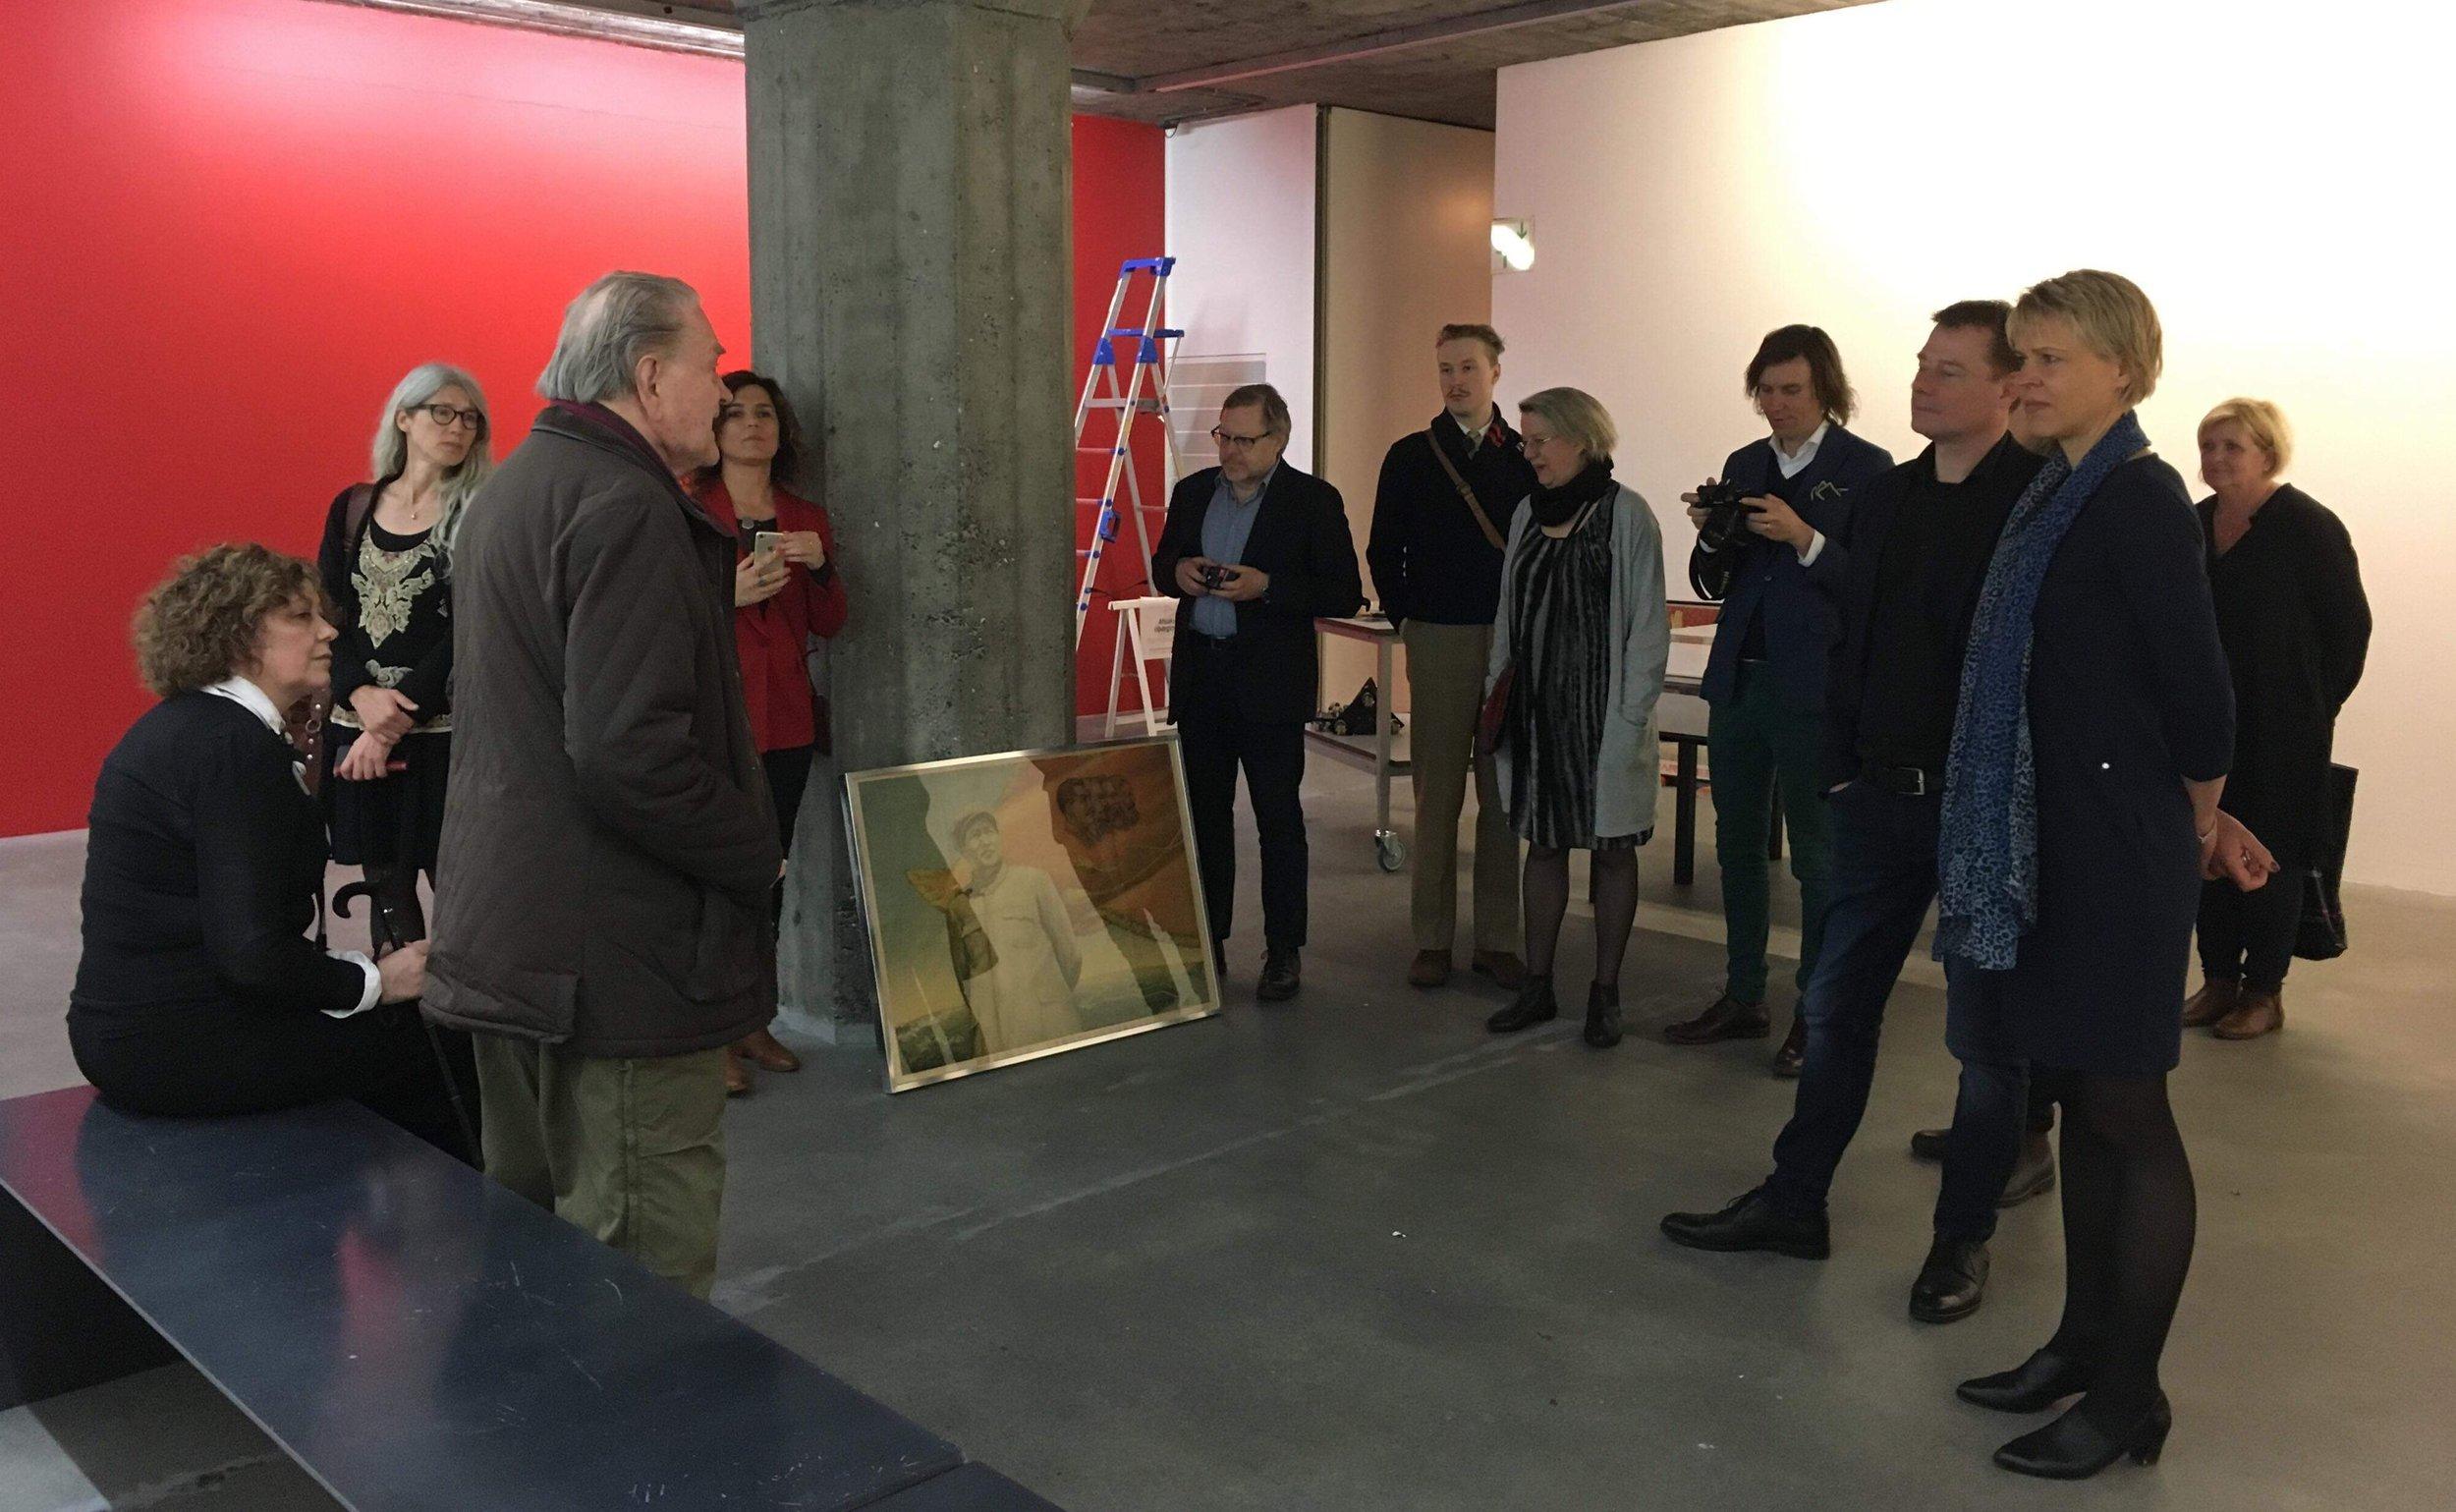 Taitelija Erro esittelee pian avautuvaa näyttelyään ICOM Nord -kokousten välillä. Kuva: ICOM Islanti